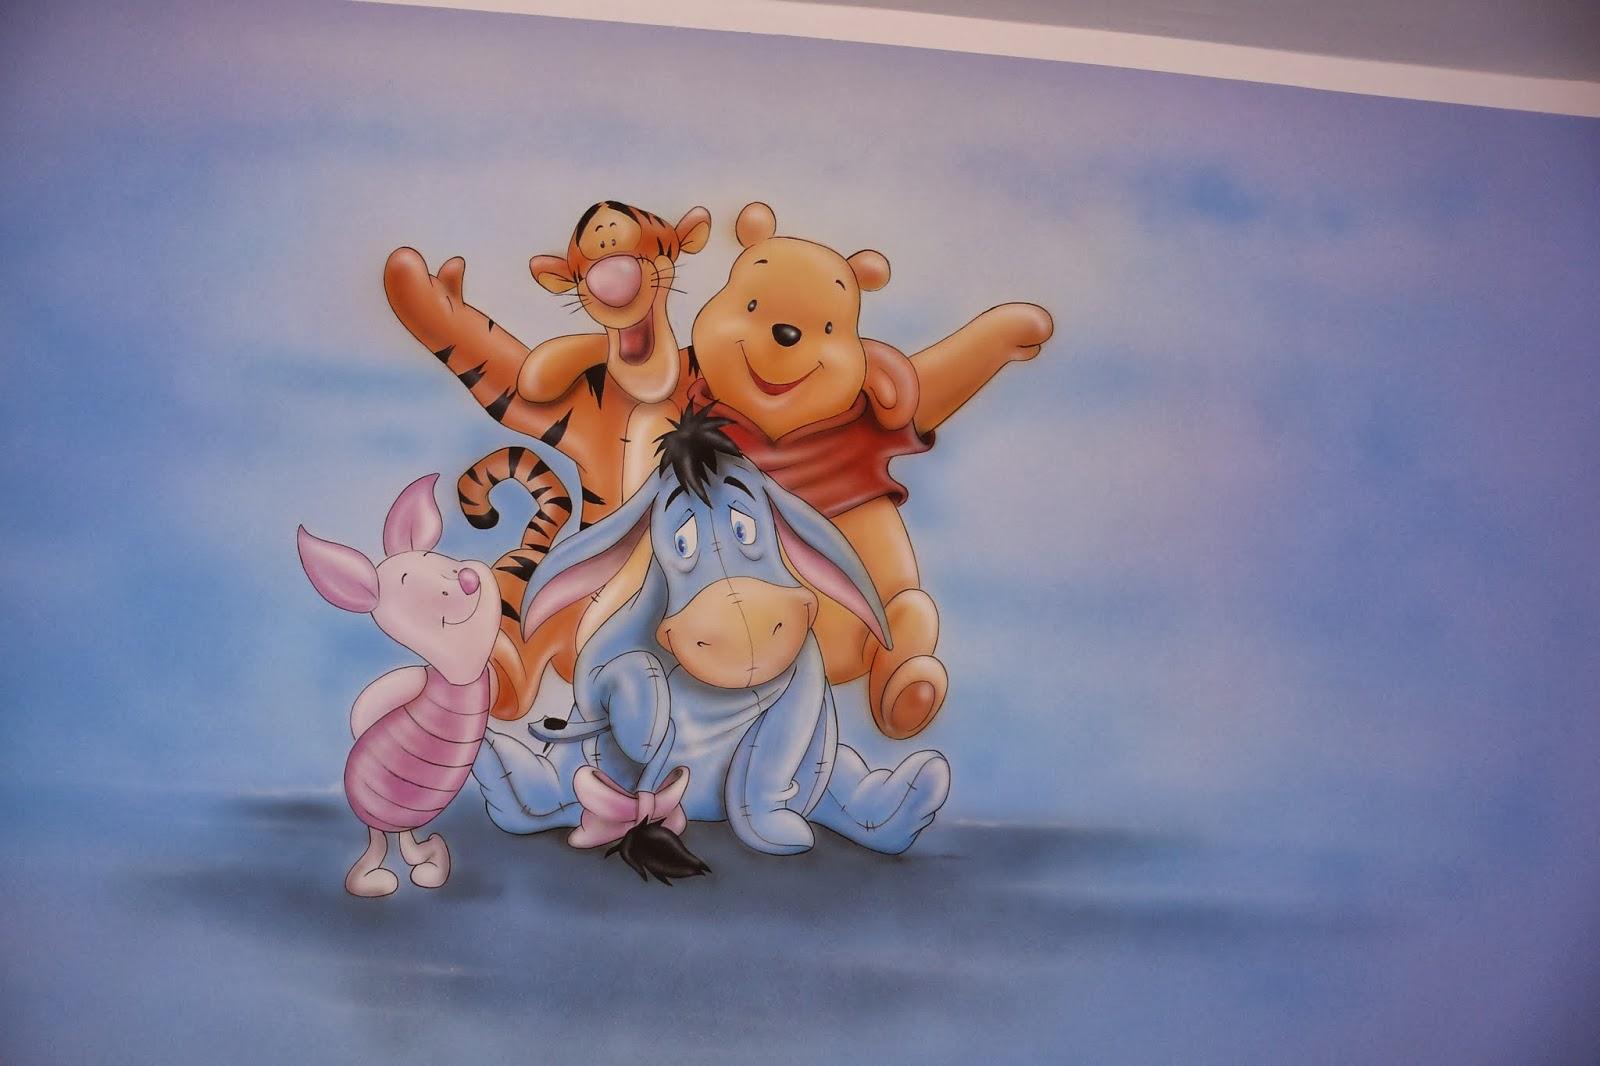 Artystyczne malowanie ściany, praca przedstawia postacie z Kubusia Puchatka, motyw malowany na ścianie